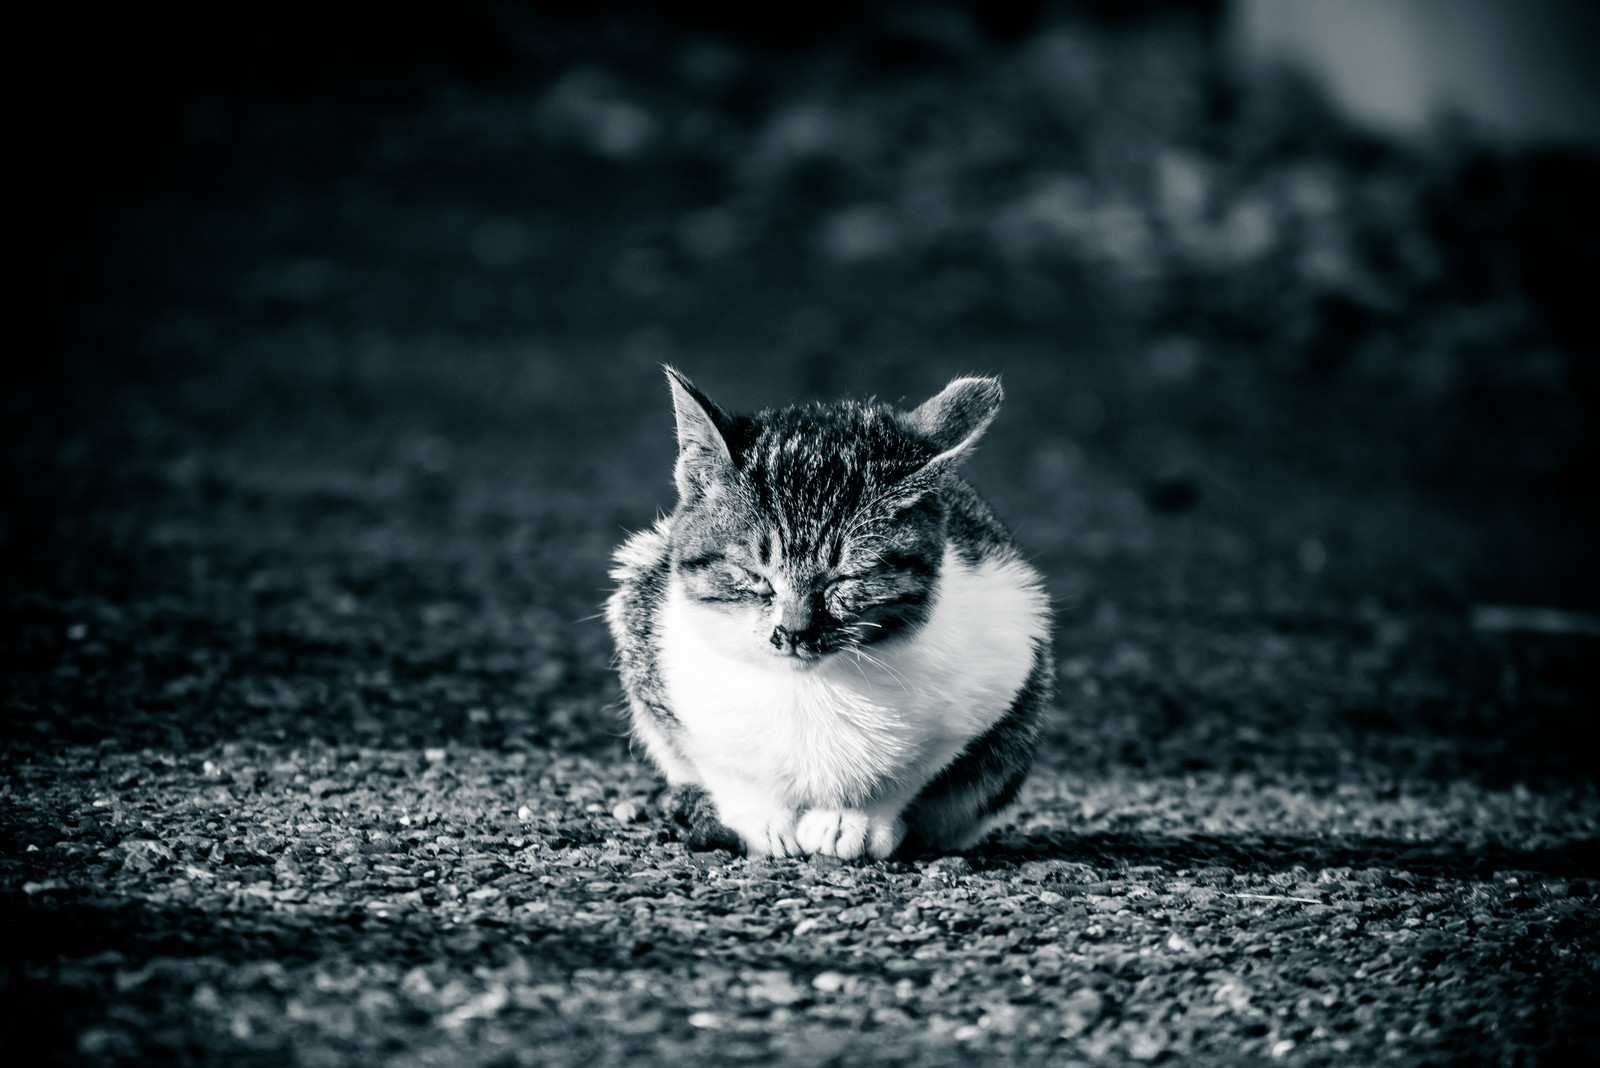 「ひなたぼっこ中のネッコ」の写真